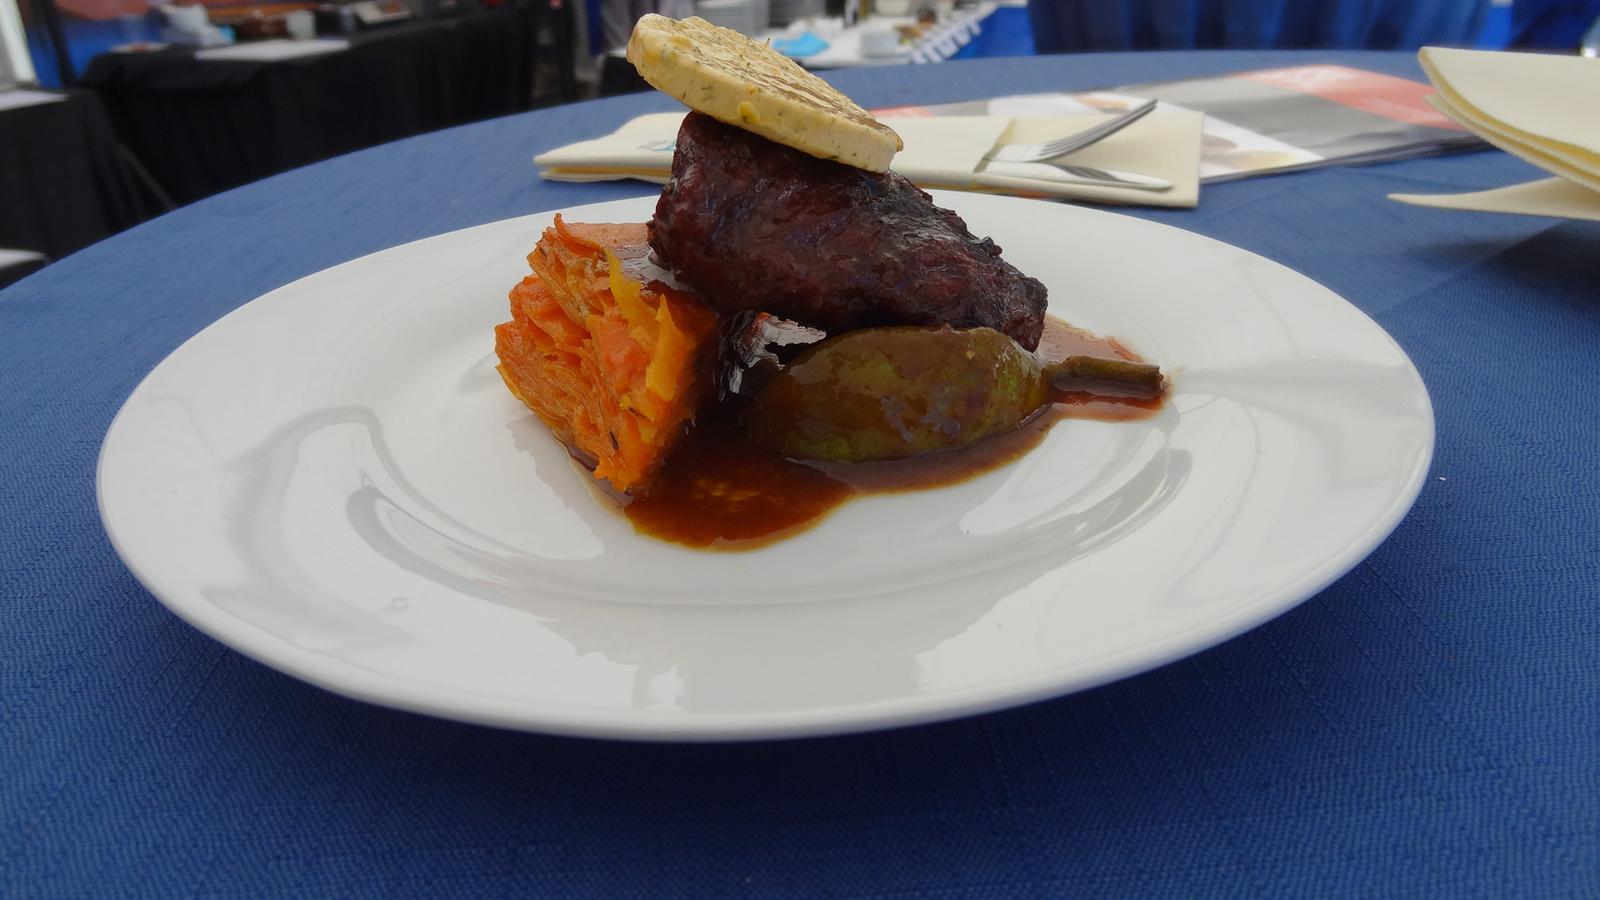 Degustační požitek - Telecí hanger steak, mrkvový gratin s máslem a cardamomem, fíková omáčka, Café de Paris